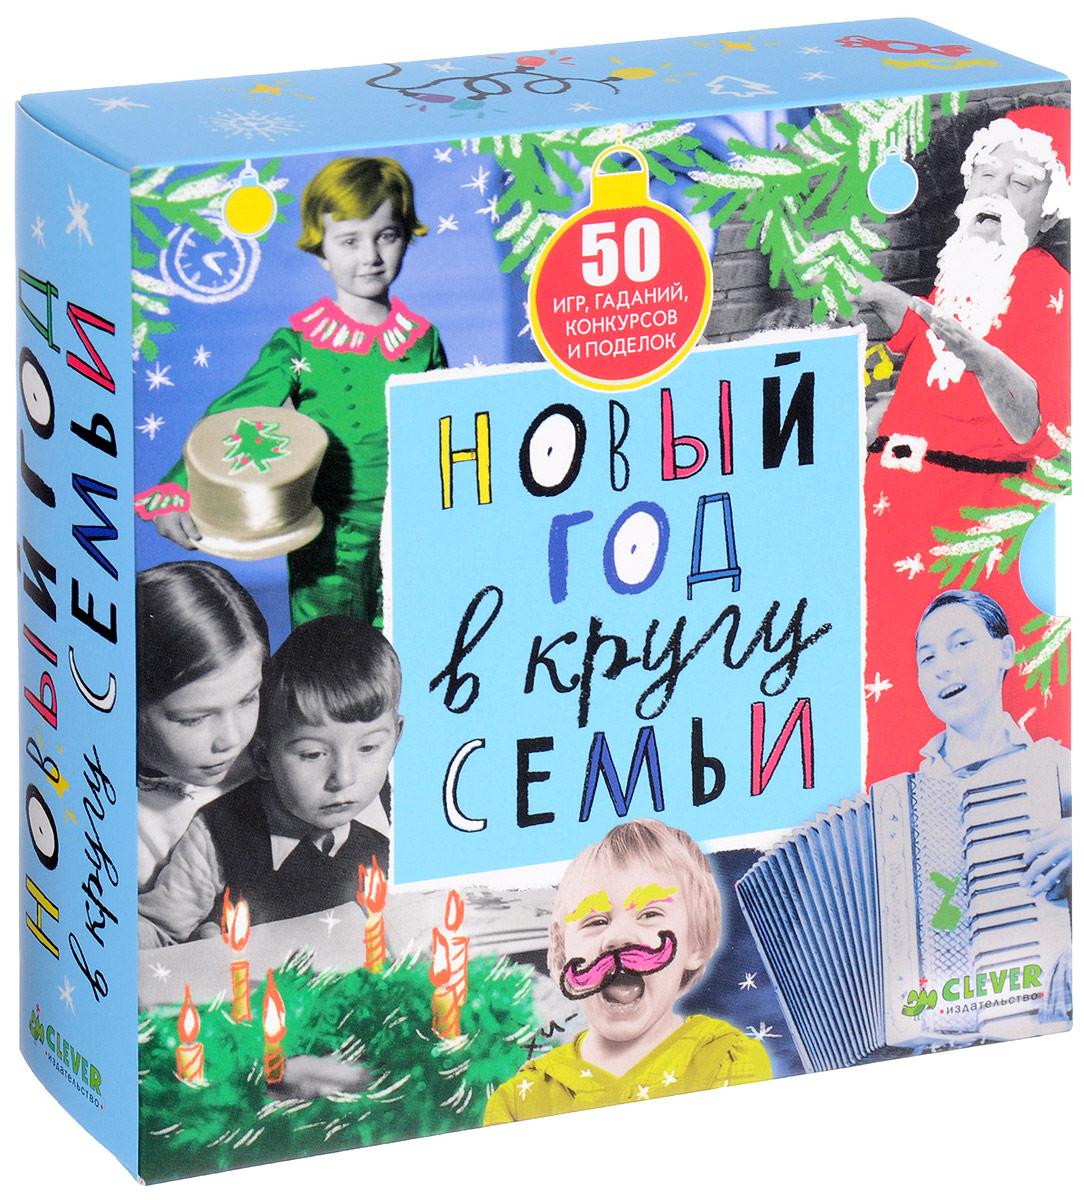 Наталья Крупенская Новый год в кругу семьи (комплект из 50 брошюр) ёлки